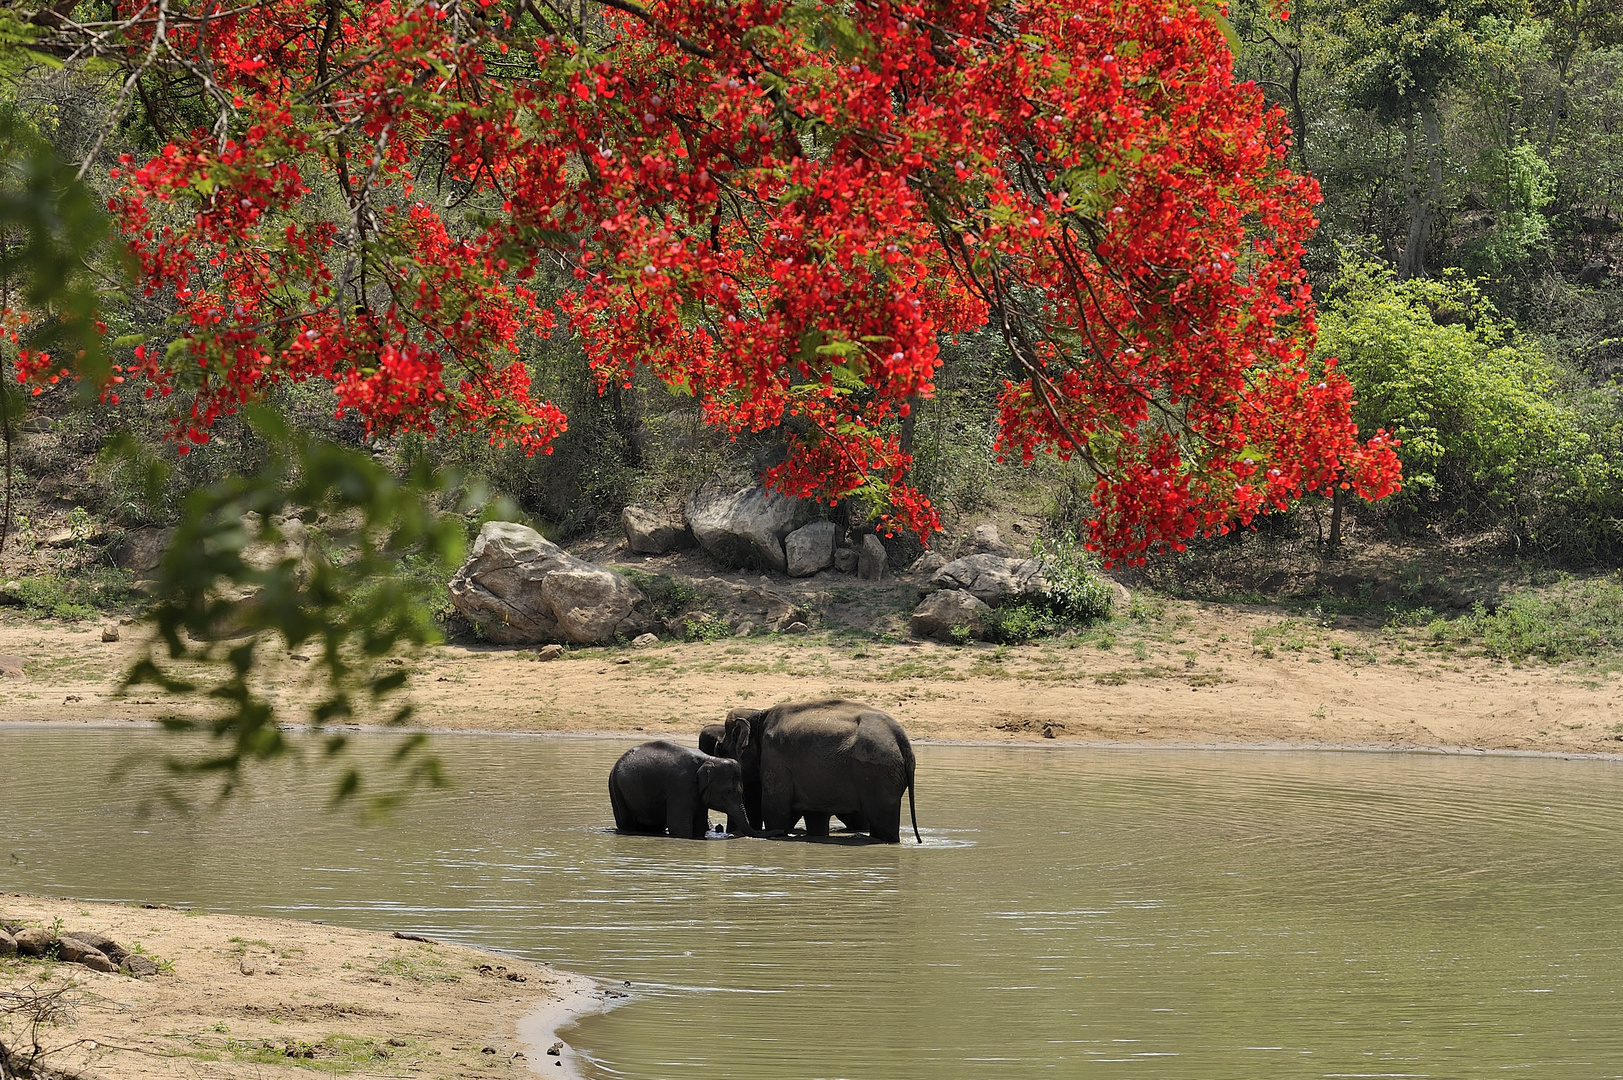 Elephantsbath